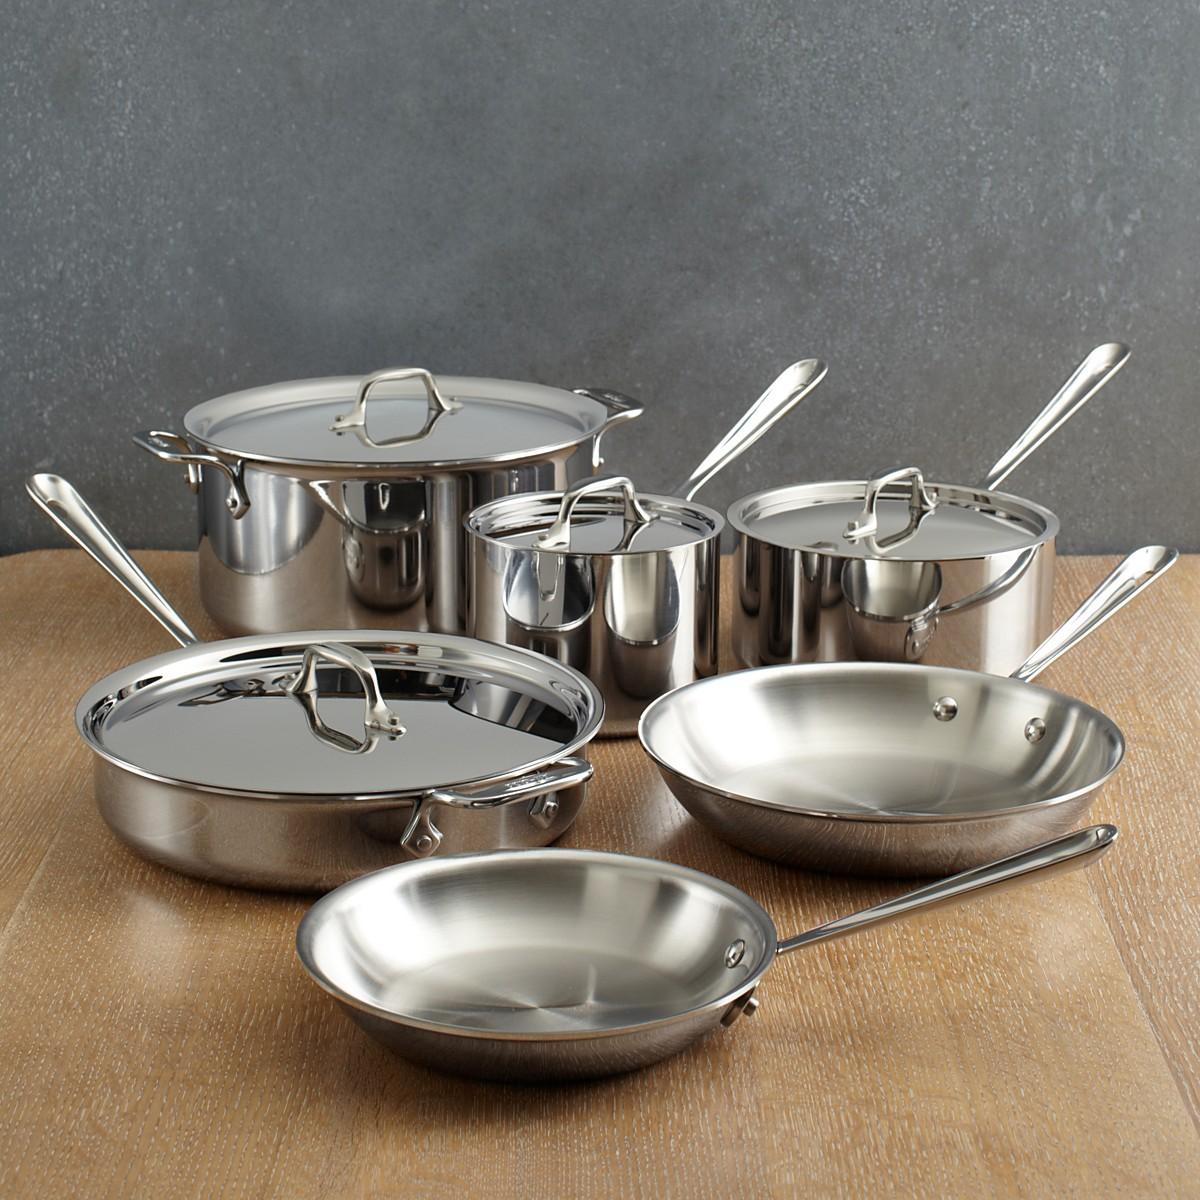 Набор от All-Clad посуды из нержавеющей стали